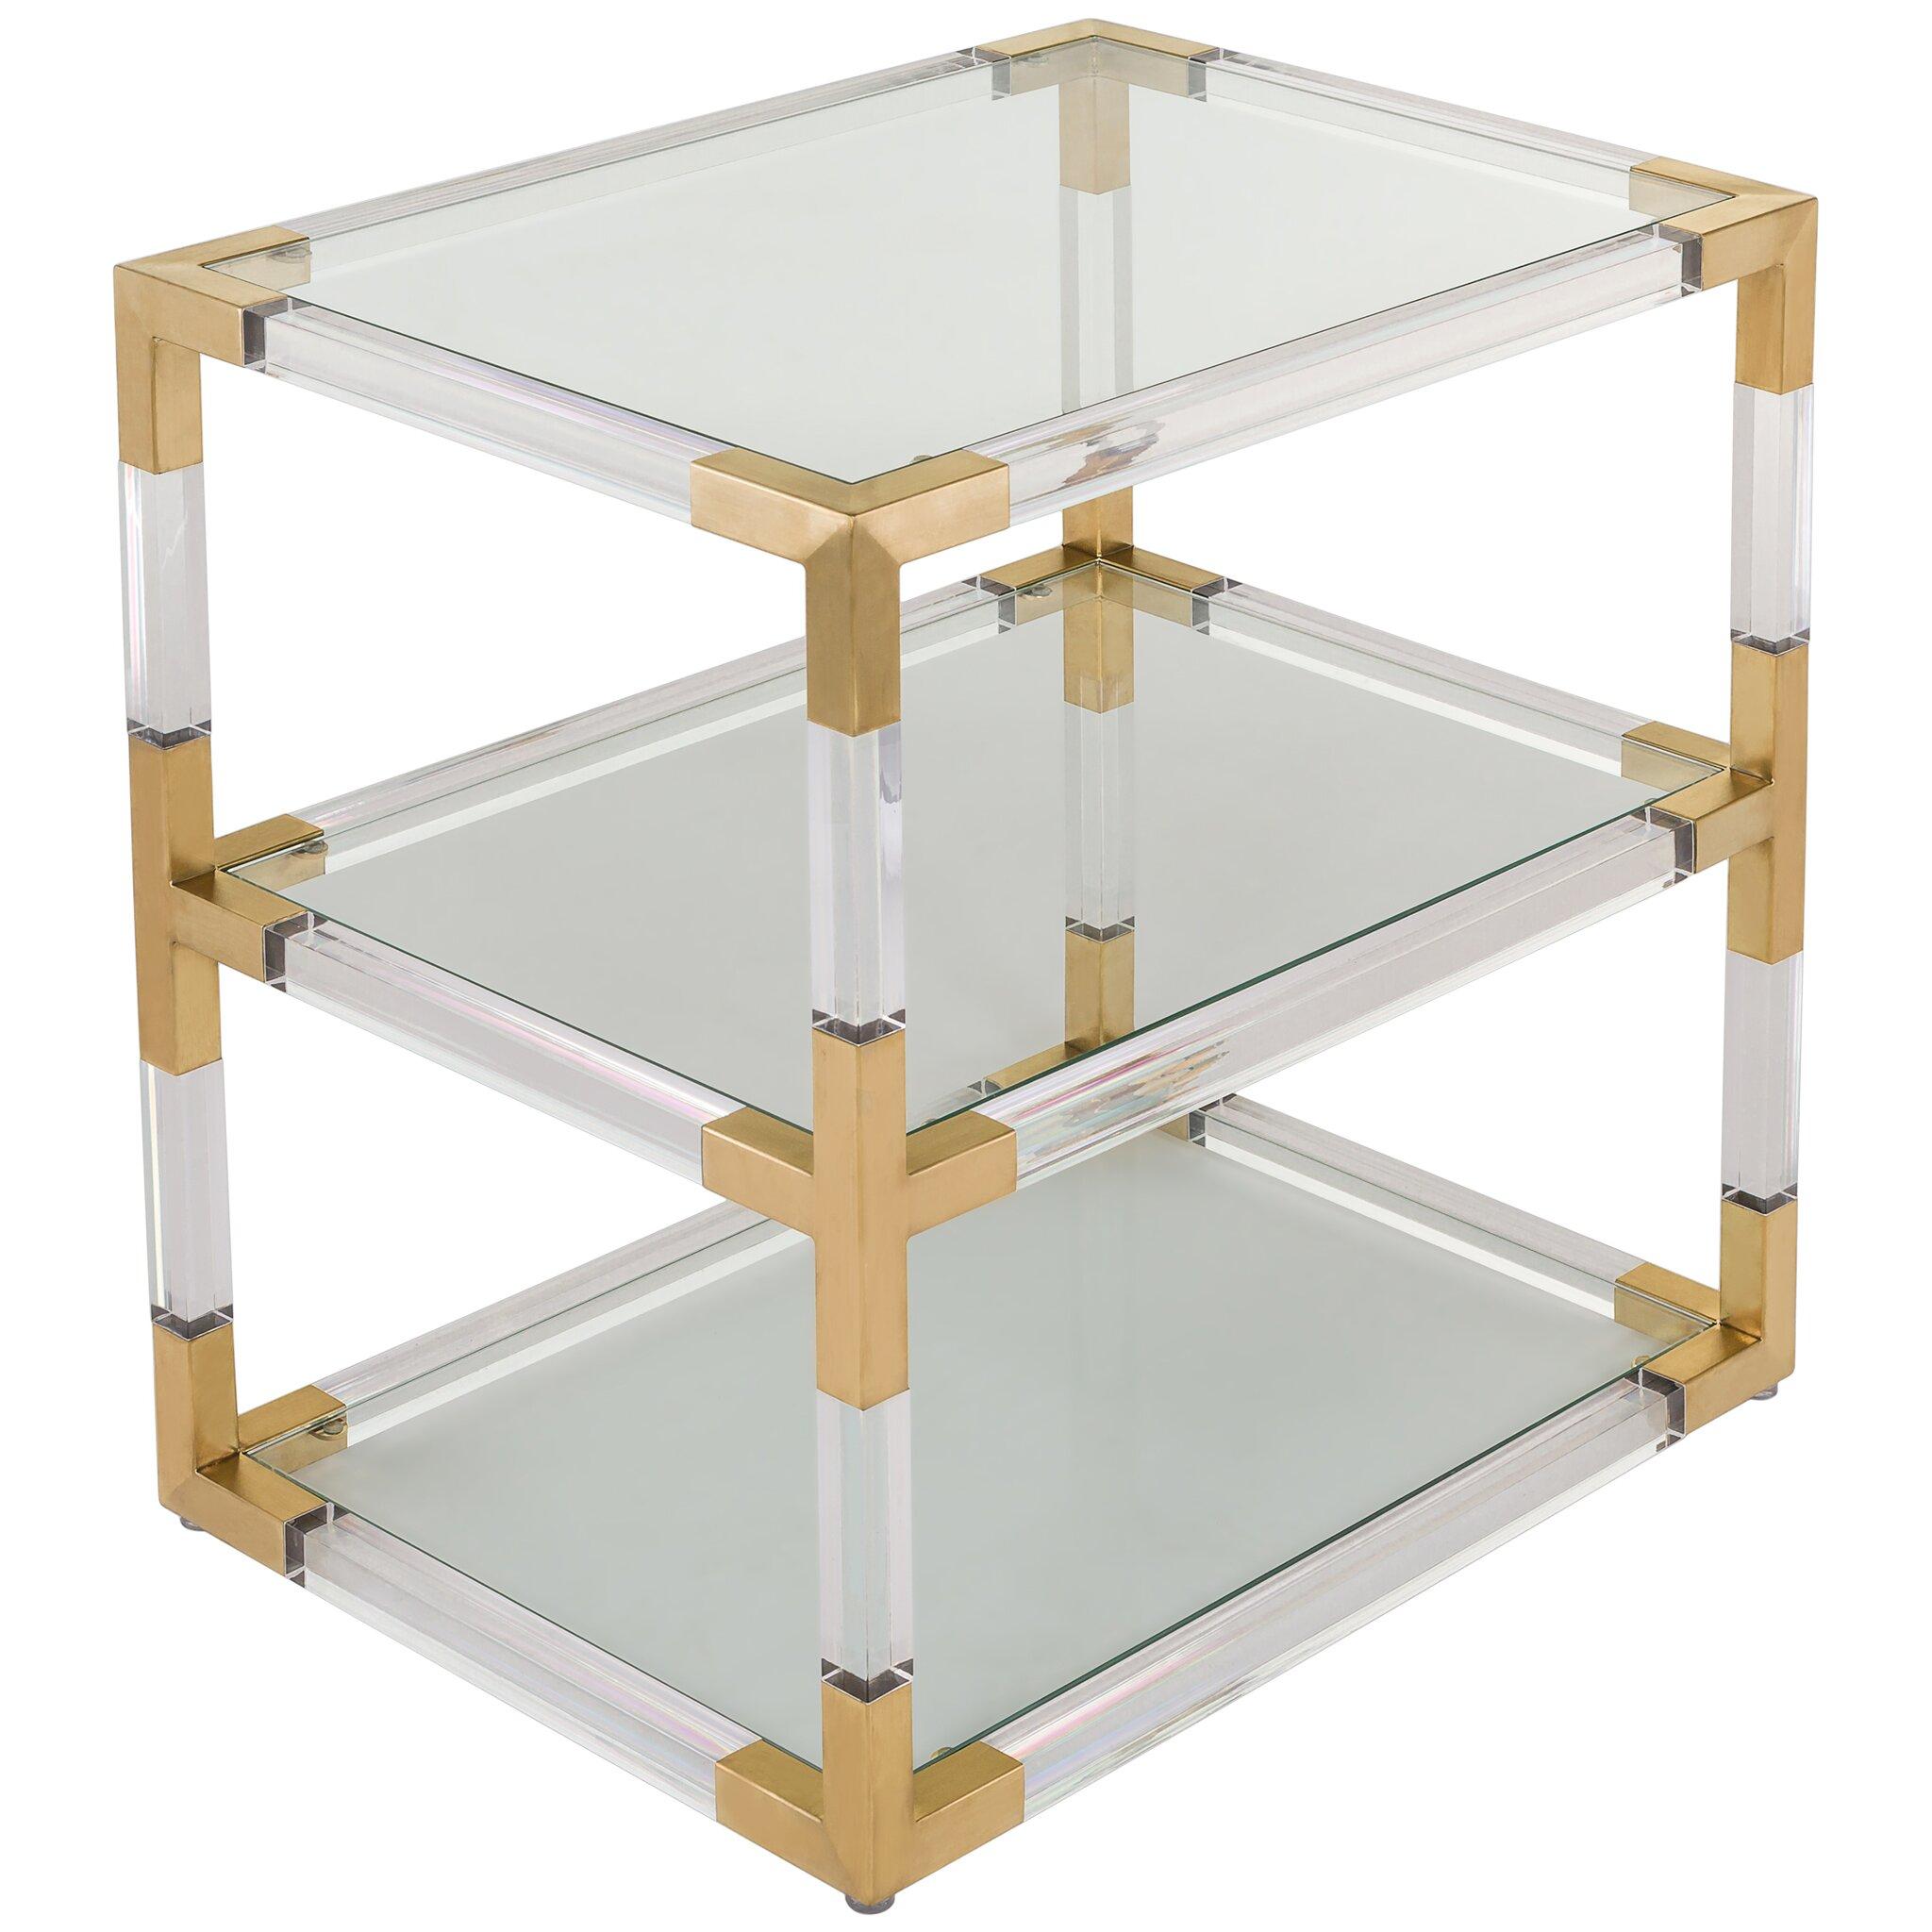 Mercer41 Caine Acrylic End Table